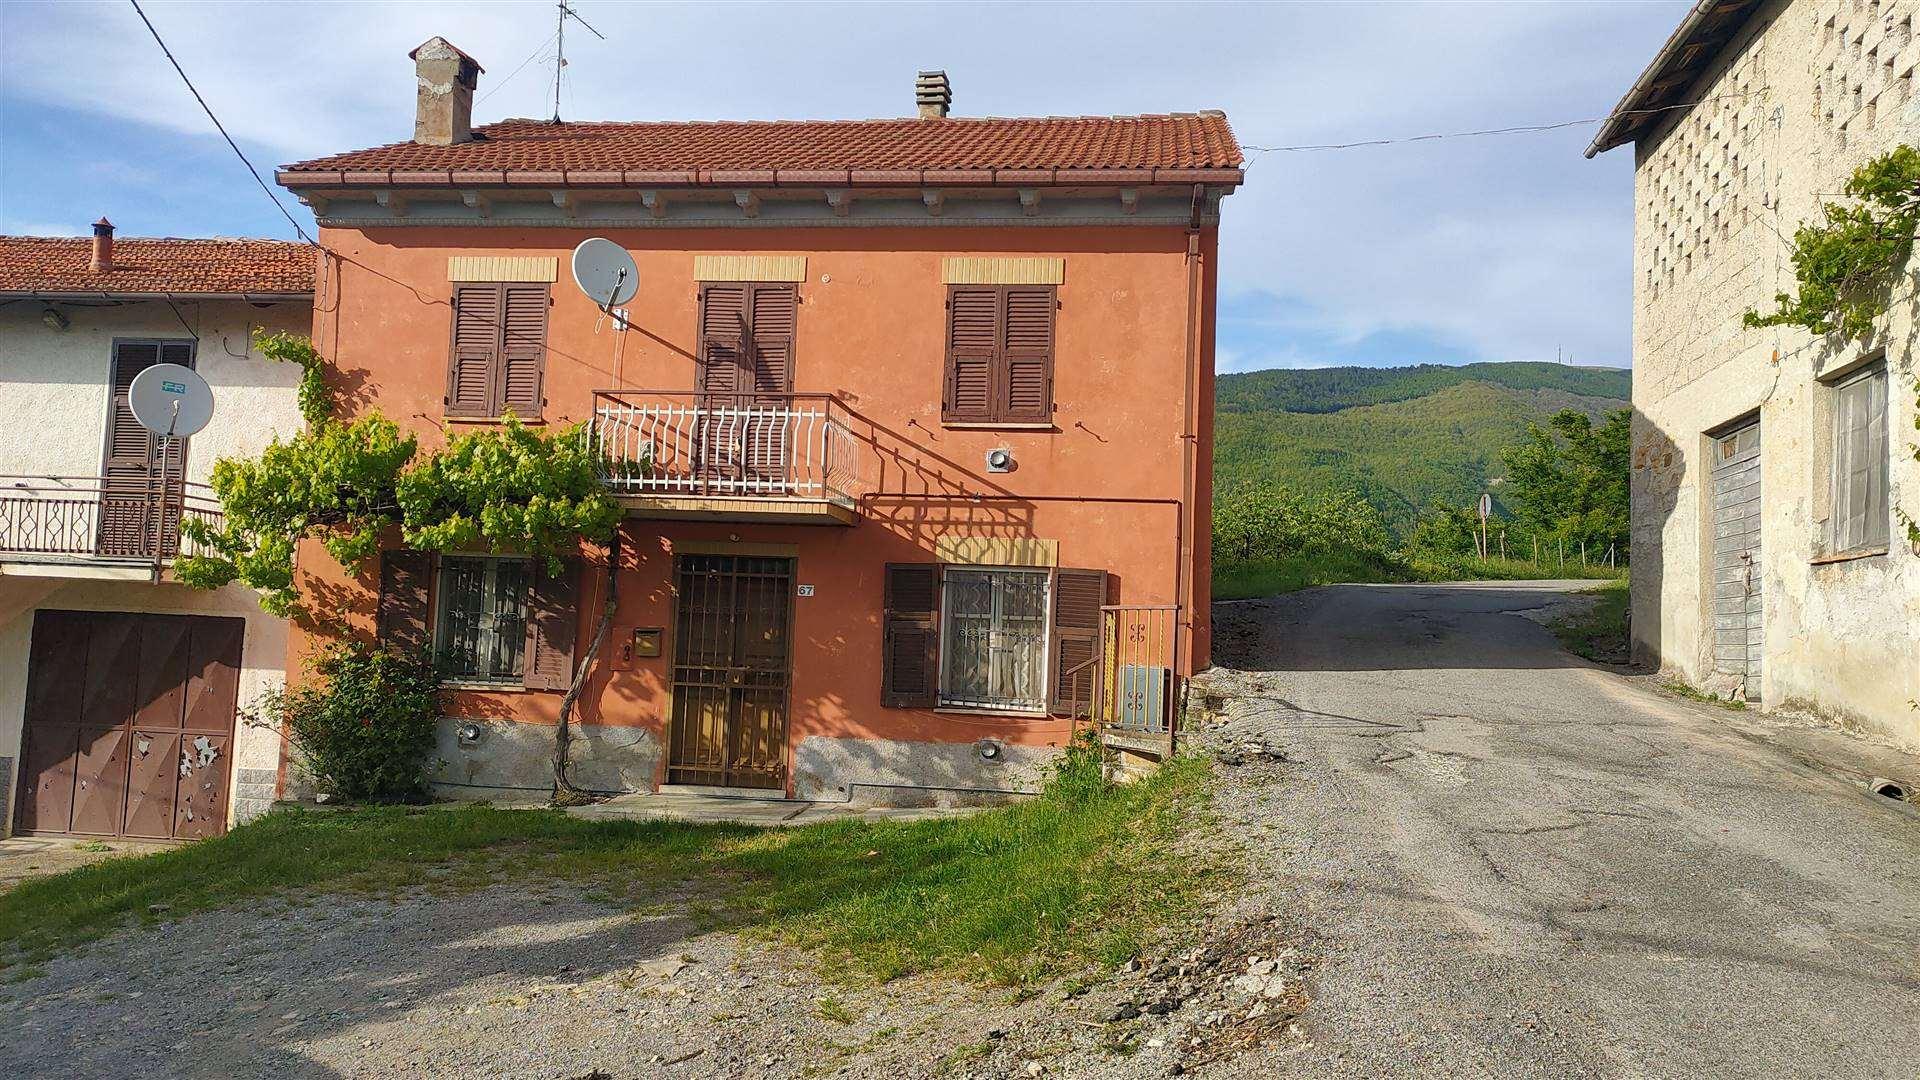 Soluzione Indipendente in vendita a Albera Ligure, 7 locali, zona no, prezzo € 40.000   PortaleAgenzieImmobiliari.it